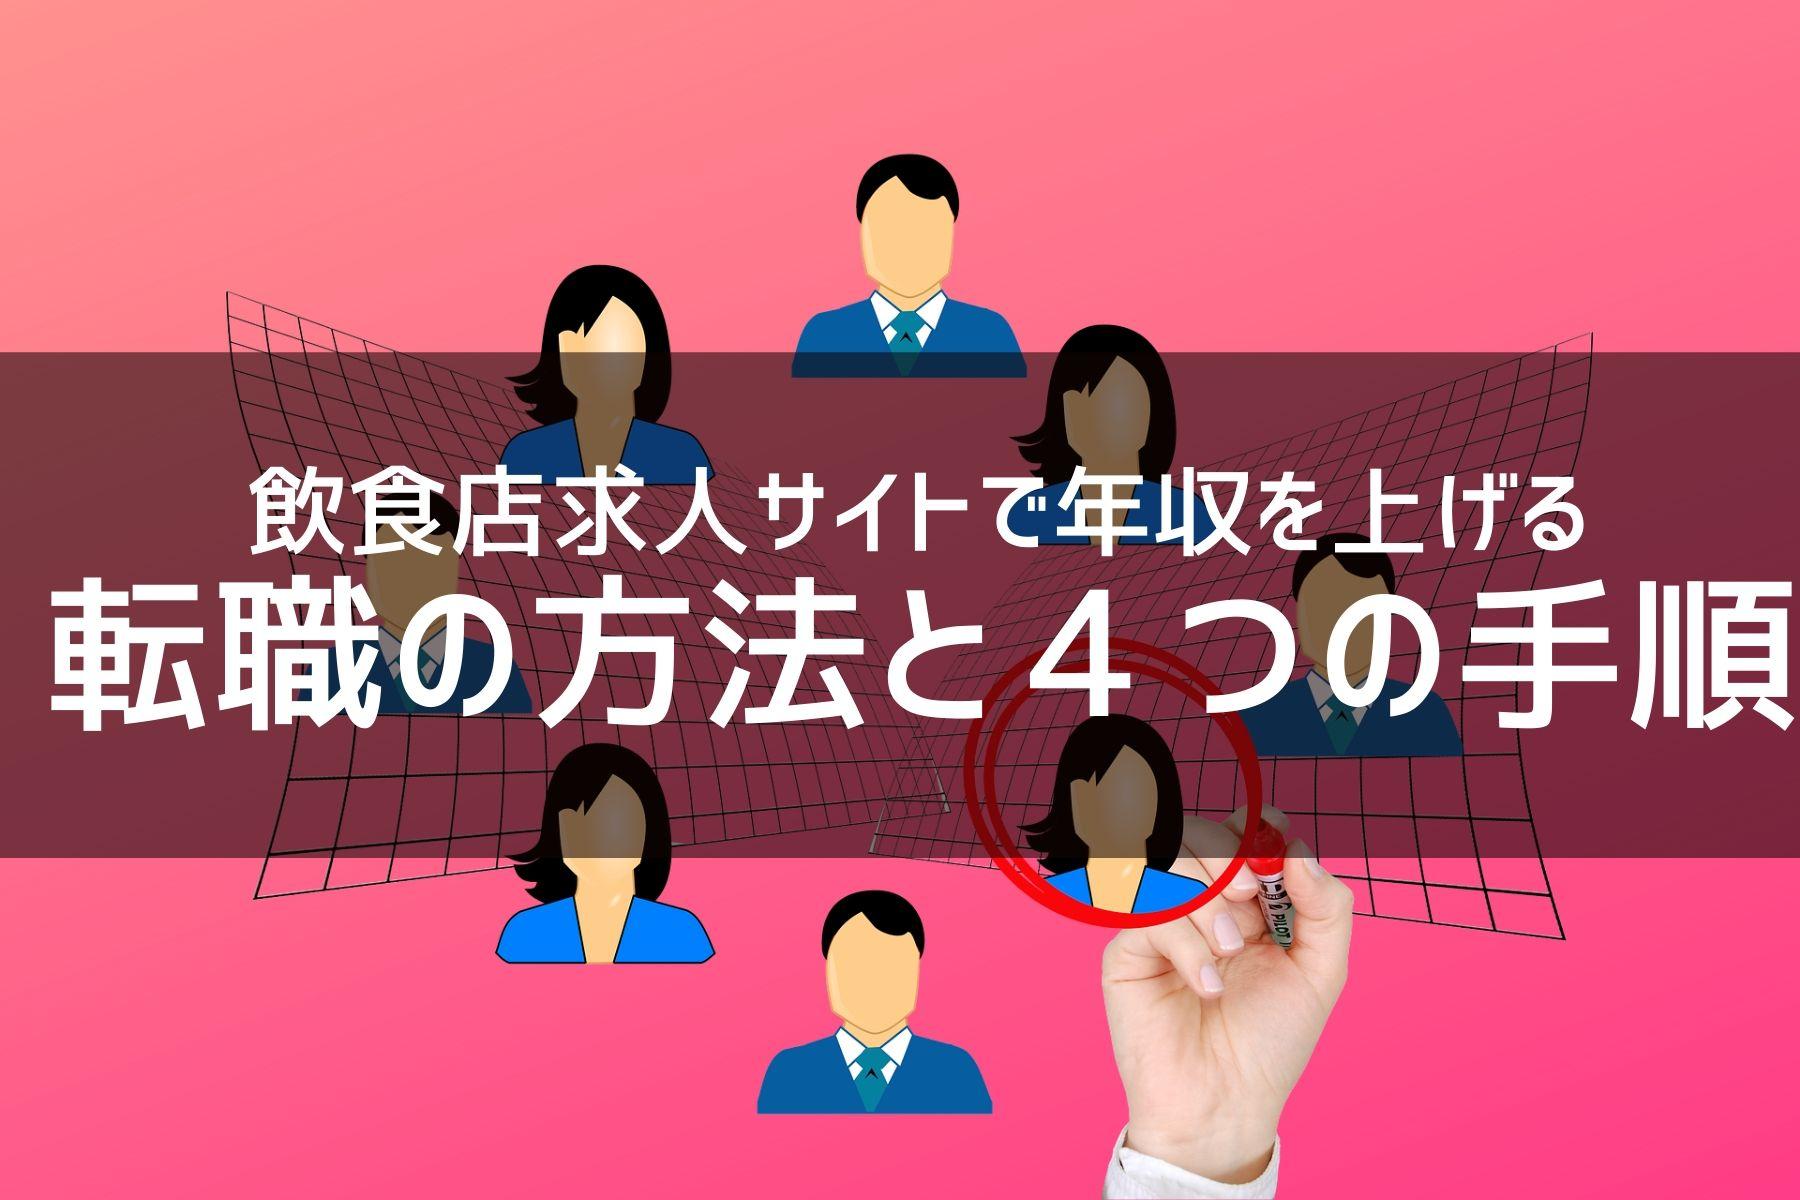 飲食店求人サイトで年収を上げる転職の方法と4つの手順